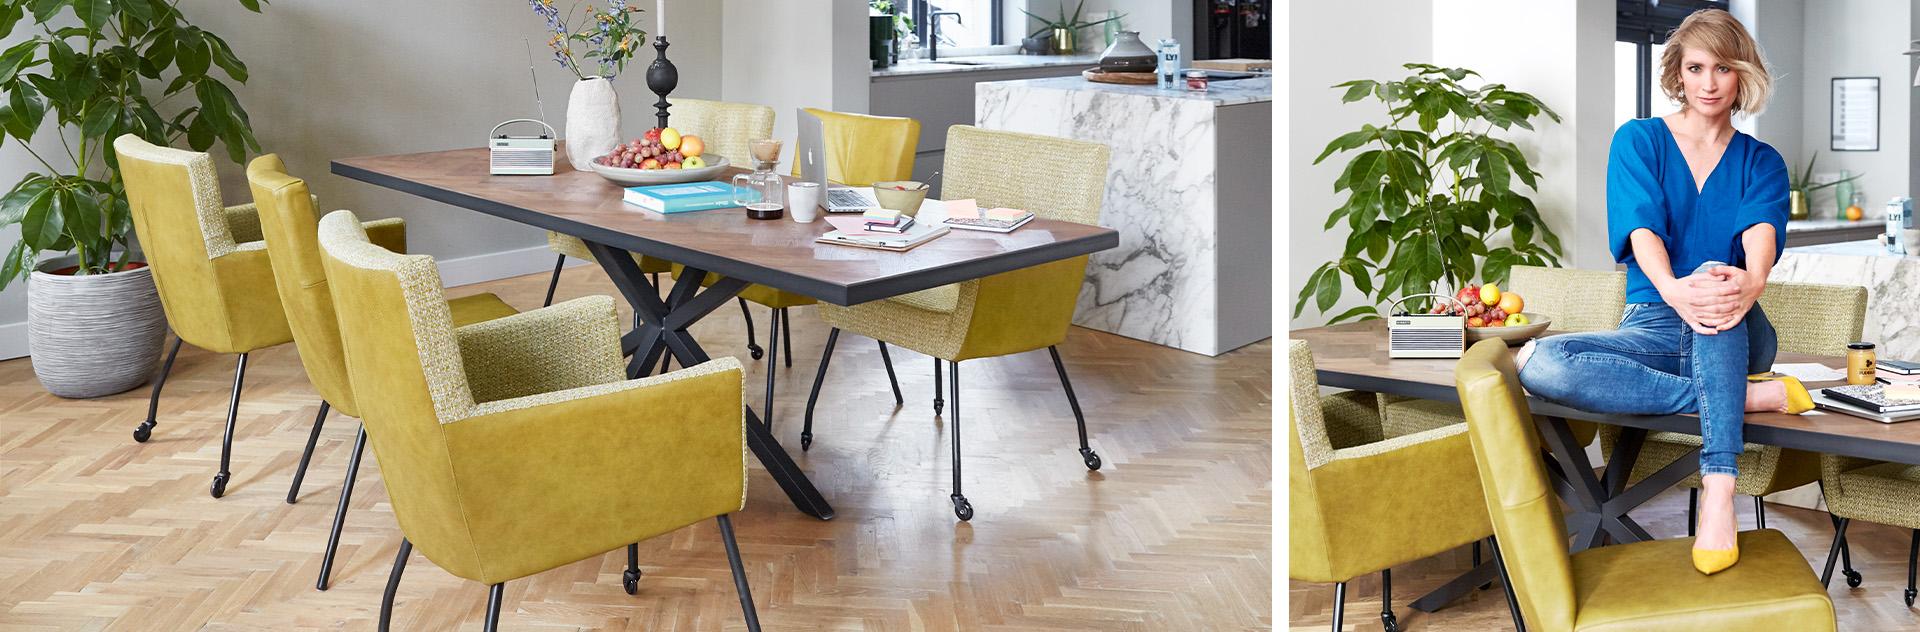 Mento Taranto tafel met gele eetkamerstoelen